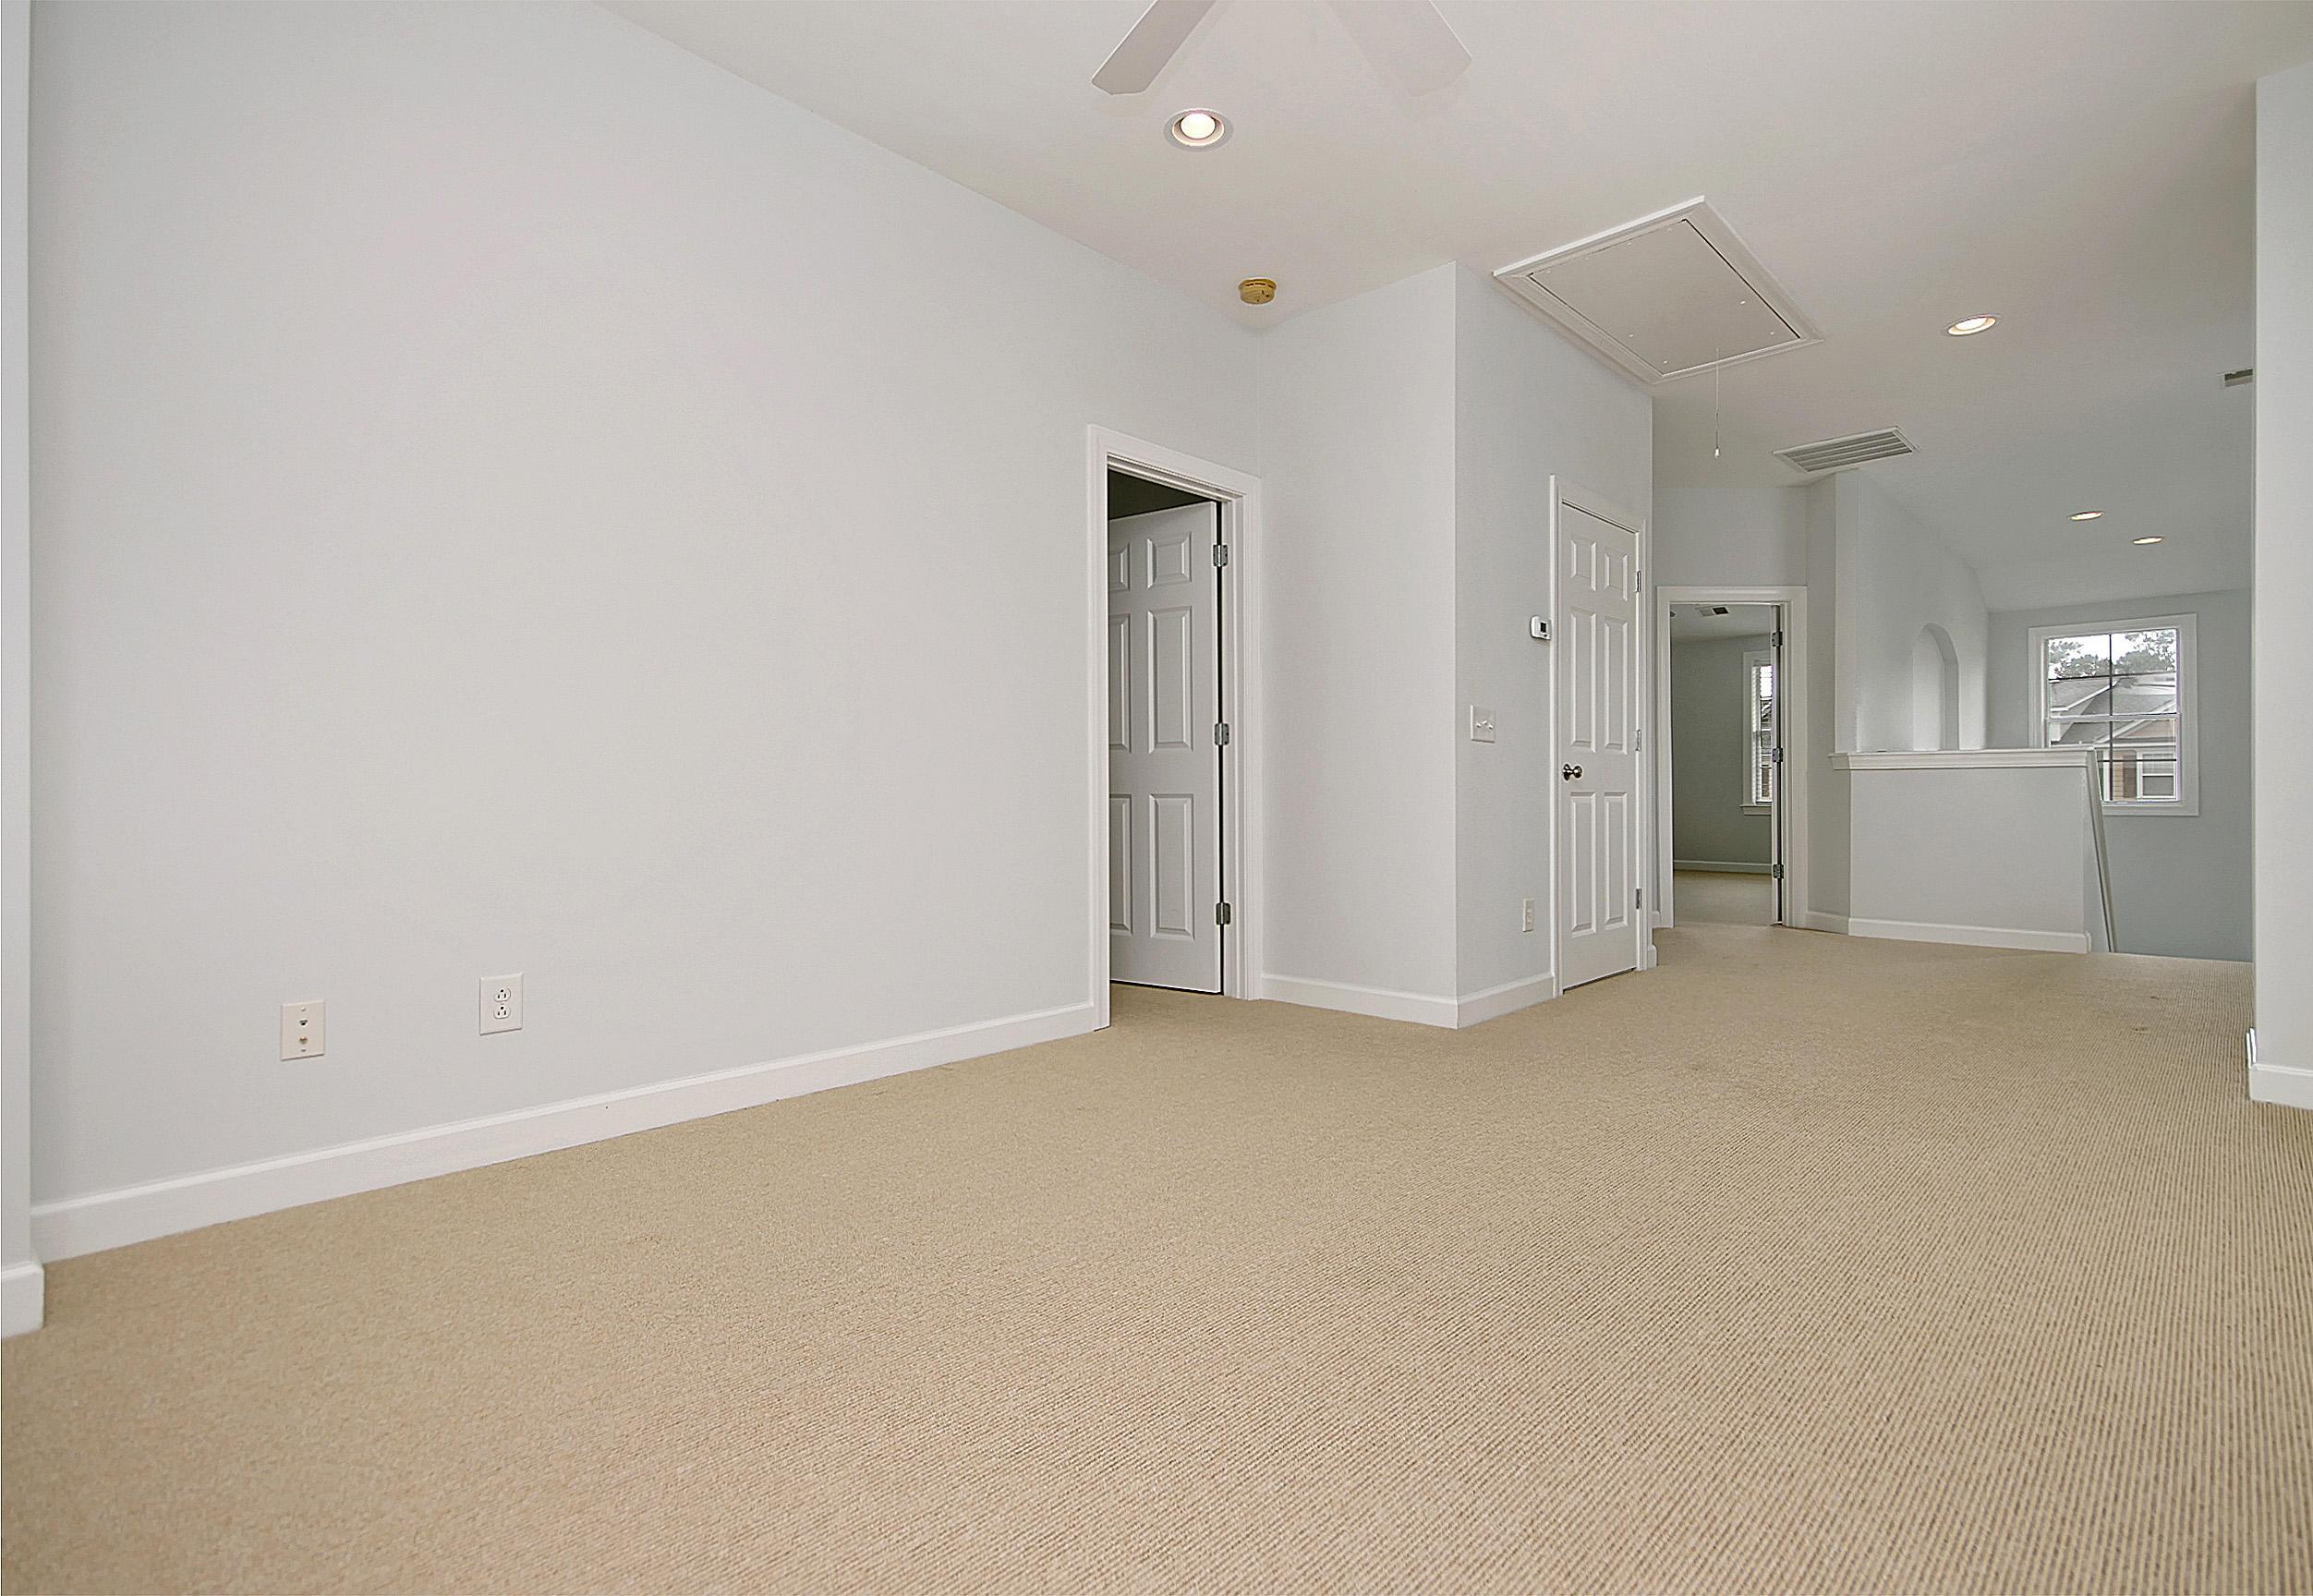 Dunes West Homes For Sale - 148 Palm Cove, Mount Pleasant, SC - 19